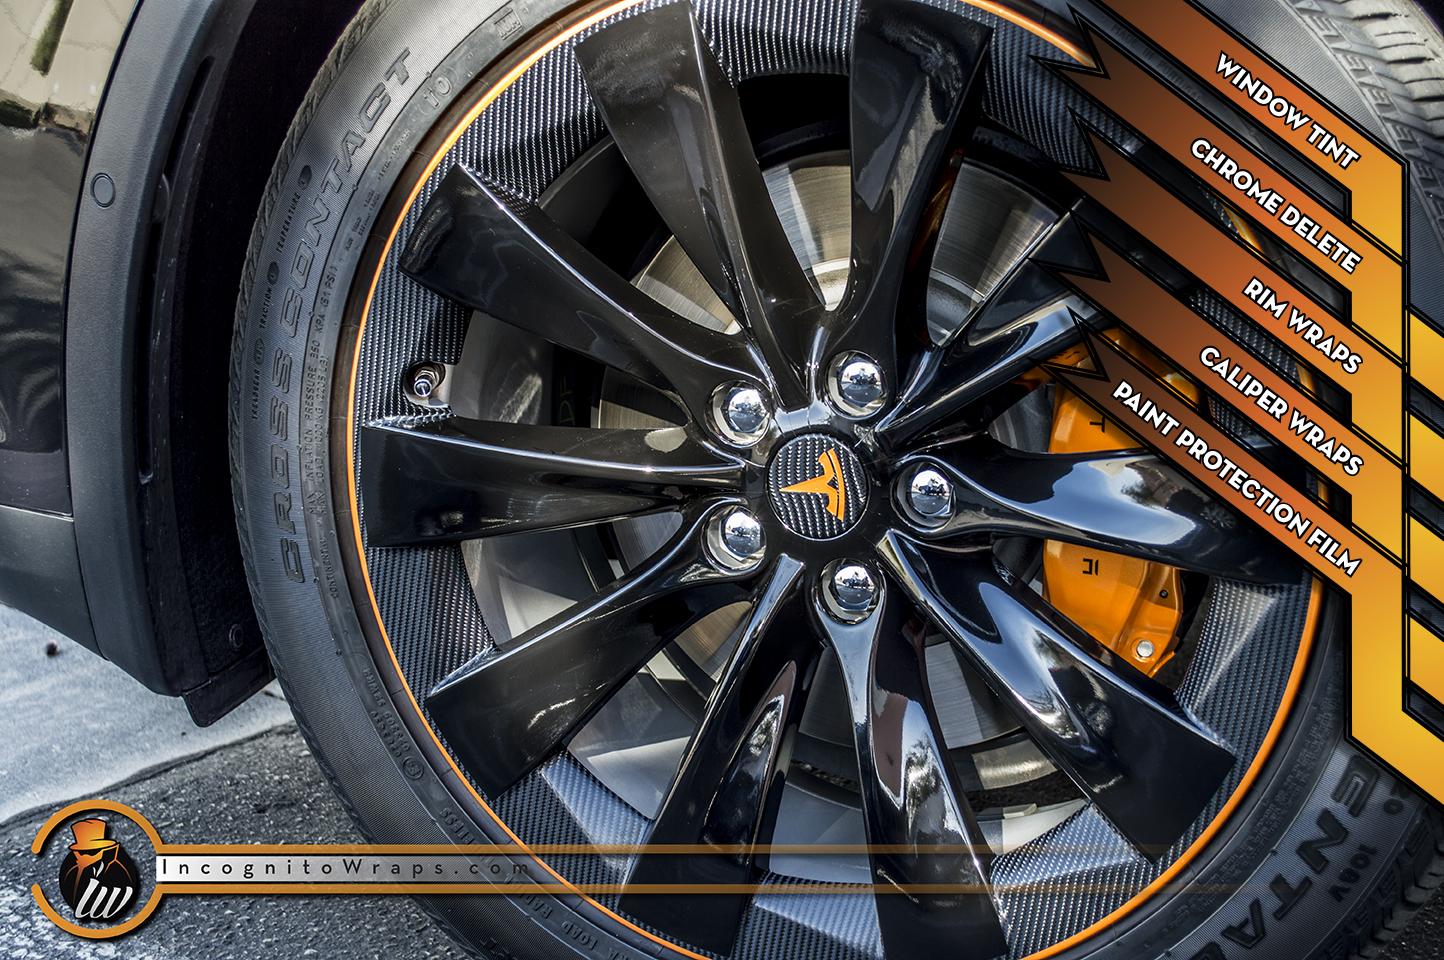 Tesla Model X - Carbon Fiber Chrome Delete, Rim Wraps, Caliper Wraps, and Paint Protection film